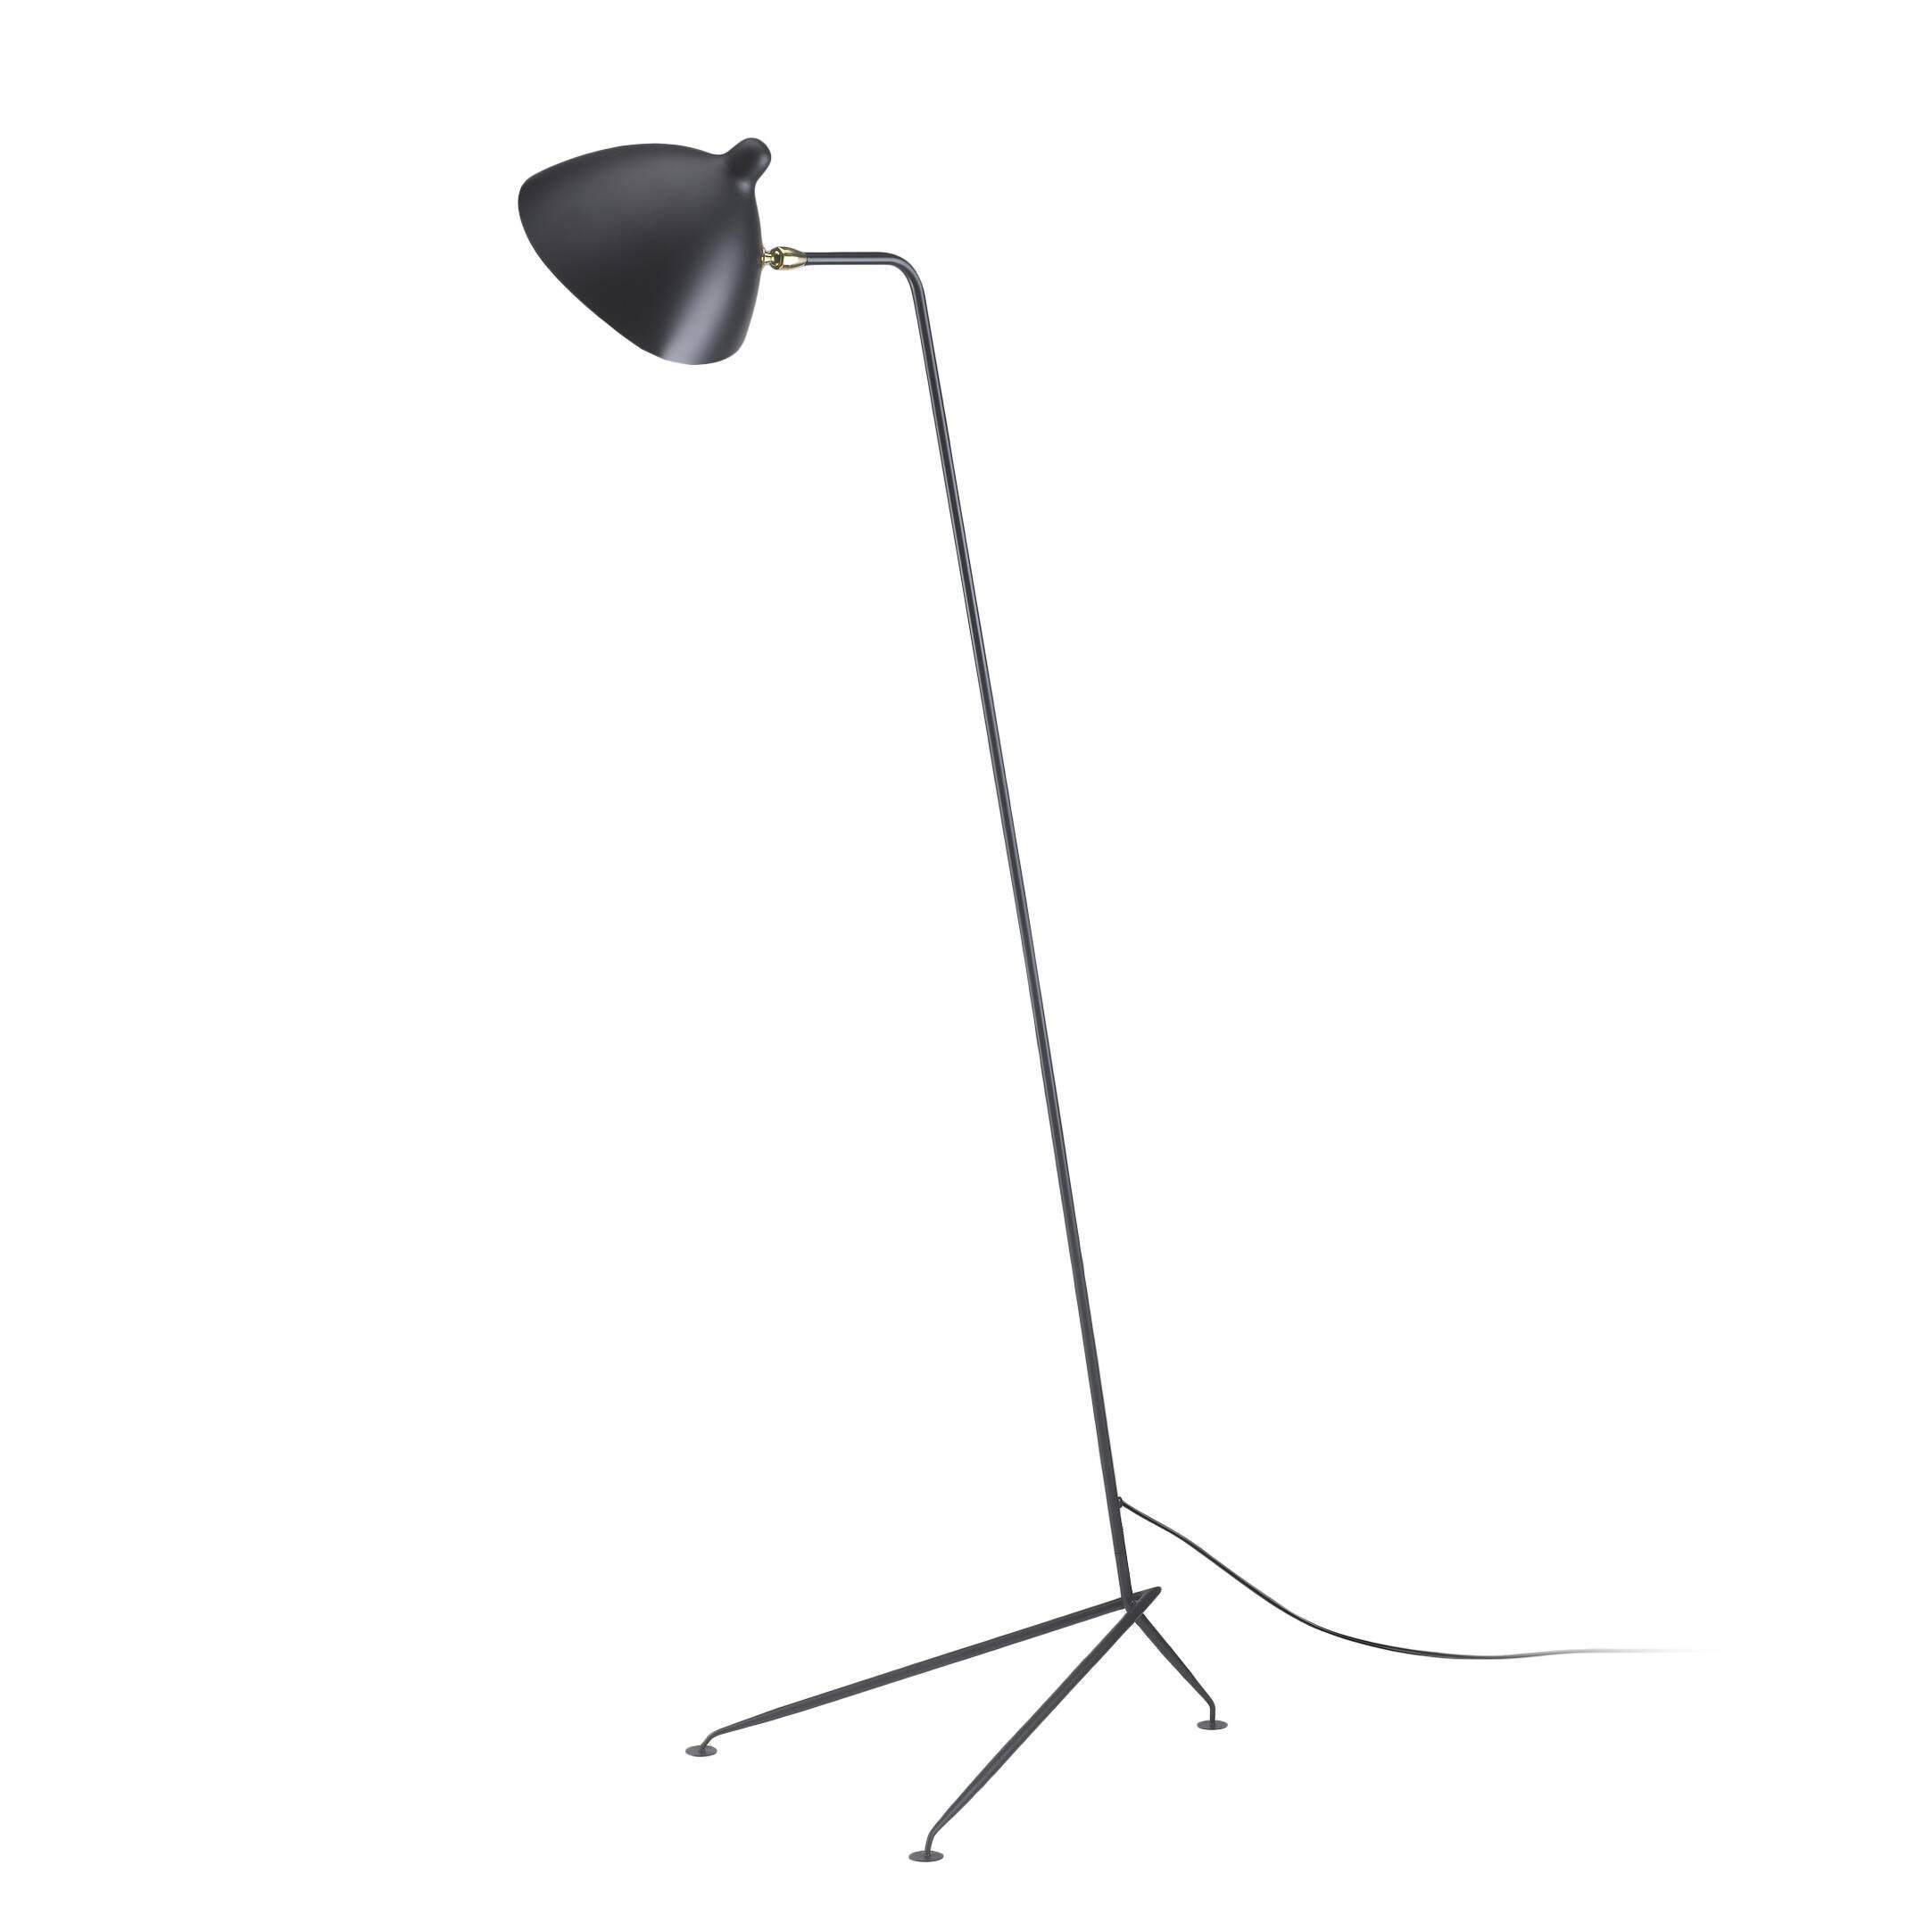 Напольный светильник Lampadaire 1Напольные<br>Оригинальный напольный светильник Lampadaire 1 из крашеного металла имеет утонченный дизайн, подчеркнутый необычной для ламп конструкцией. Светильник можно разместить в любом помещении любого дизайна.<br><br><br> Французский дизайнер Серж Муй прославился своей серией светильников Noir. Напольный светильник Lampadaire 1, как и другие модели серии, был разработан на основе прототипа, который назывался Tetine. Они отличаются формой абажура, идеально отражающей свет. Интересная конструкция основан...<br><br>stock: 0<br>Высота: 160<br>Ширина: 46<br>Длина: 54,5<br>Количество ламп: 1<br>Материал абажура: Алюминий<br>Материал арматуры: Сталь<br>Мощность лампы: 75<br>Ламп в комплекте: Нет<br>Тип лампы/цоколь: E14<br>Цвет абажура: Черный<br>Цвет арматуры: Черный<br>Цвет провода: Черный